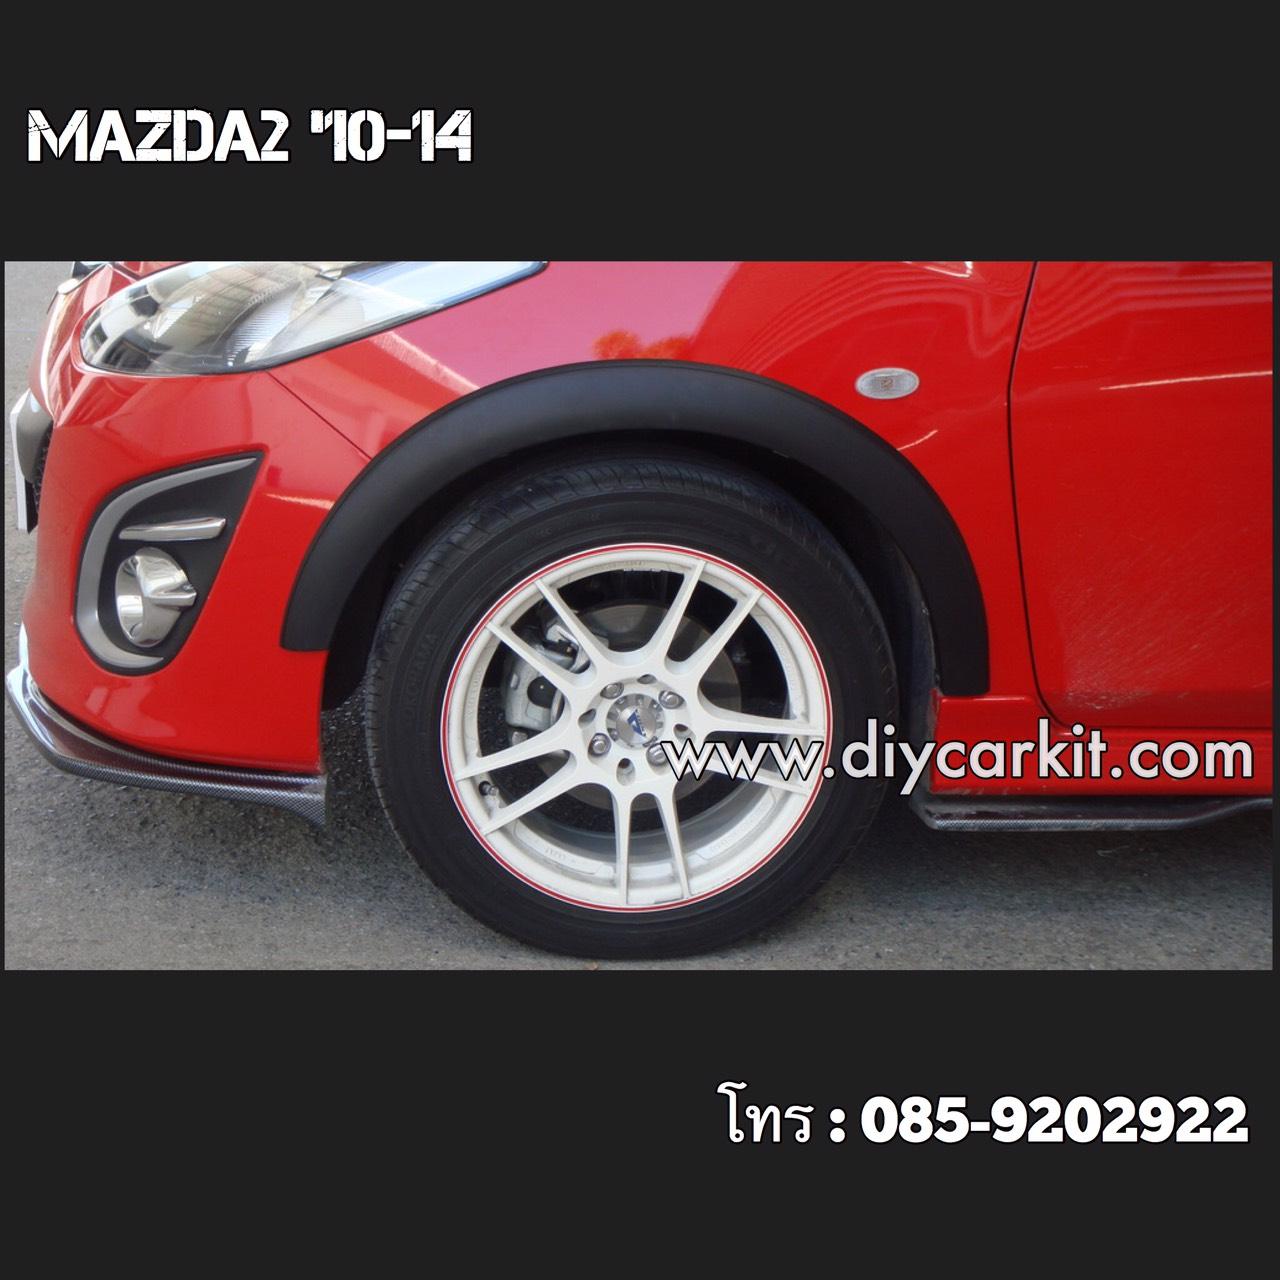 คิ้วล้อทรงเล็ก Mazda2